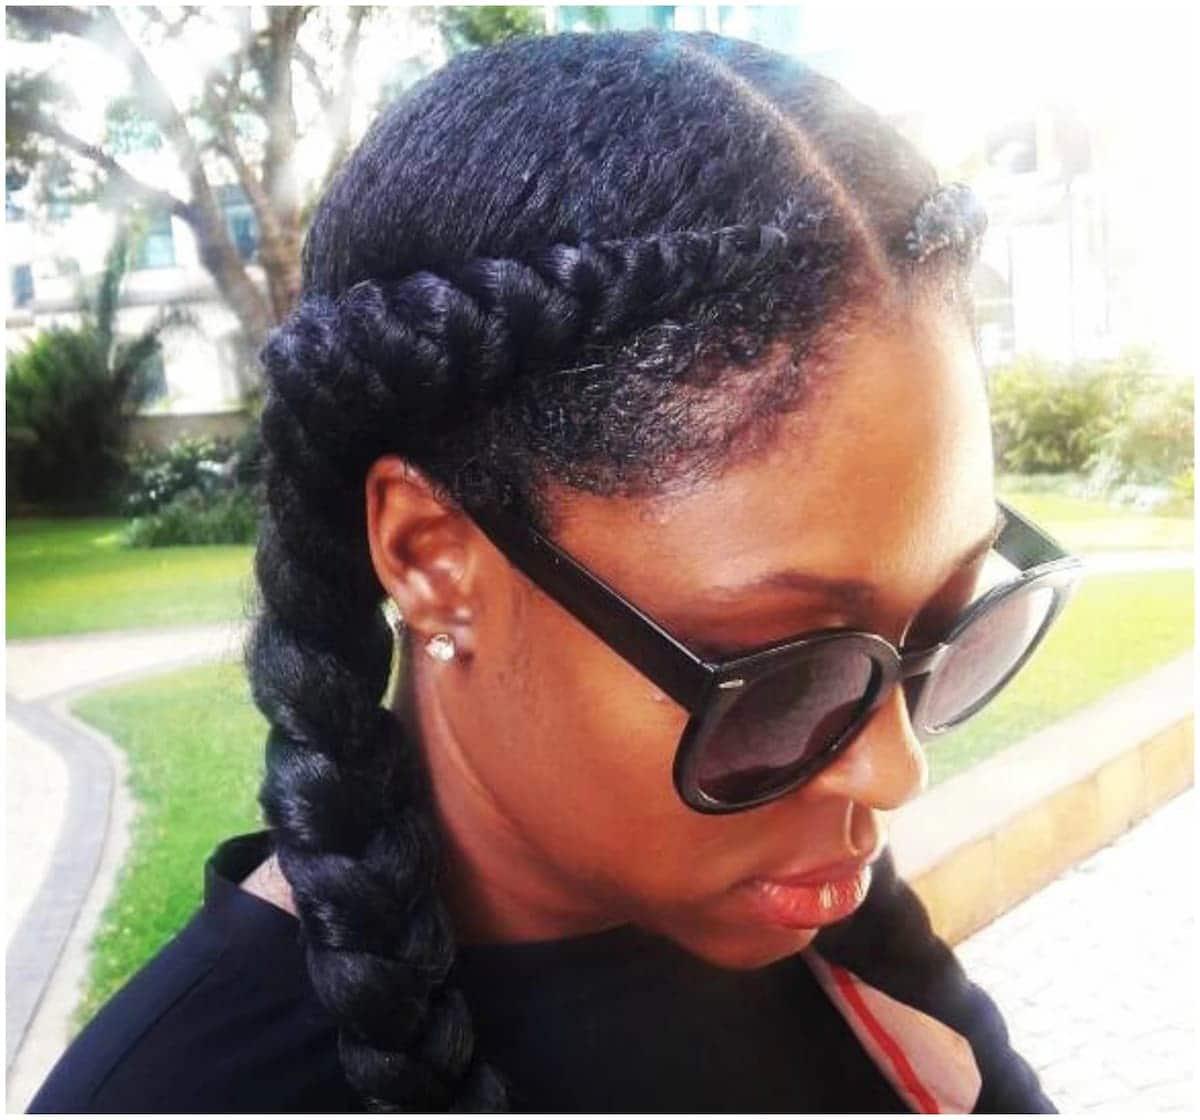 Kenyan celebrities hairstyles Current Kenyan hairstyles Traditional Kenyan hairstyles